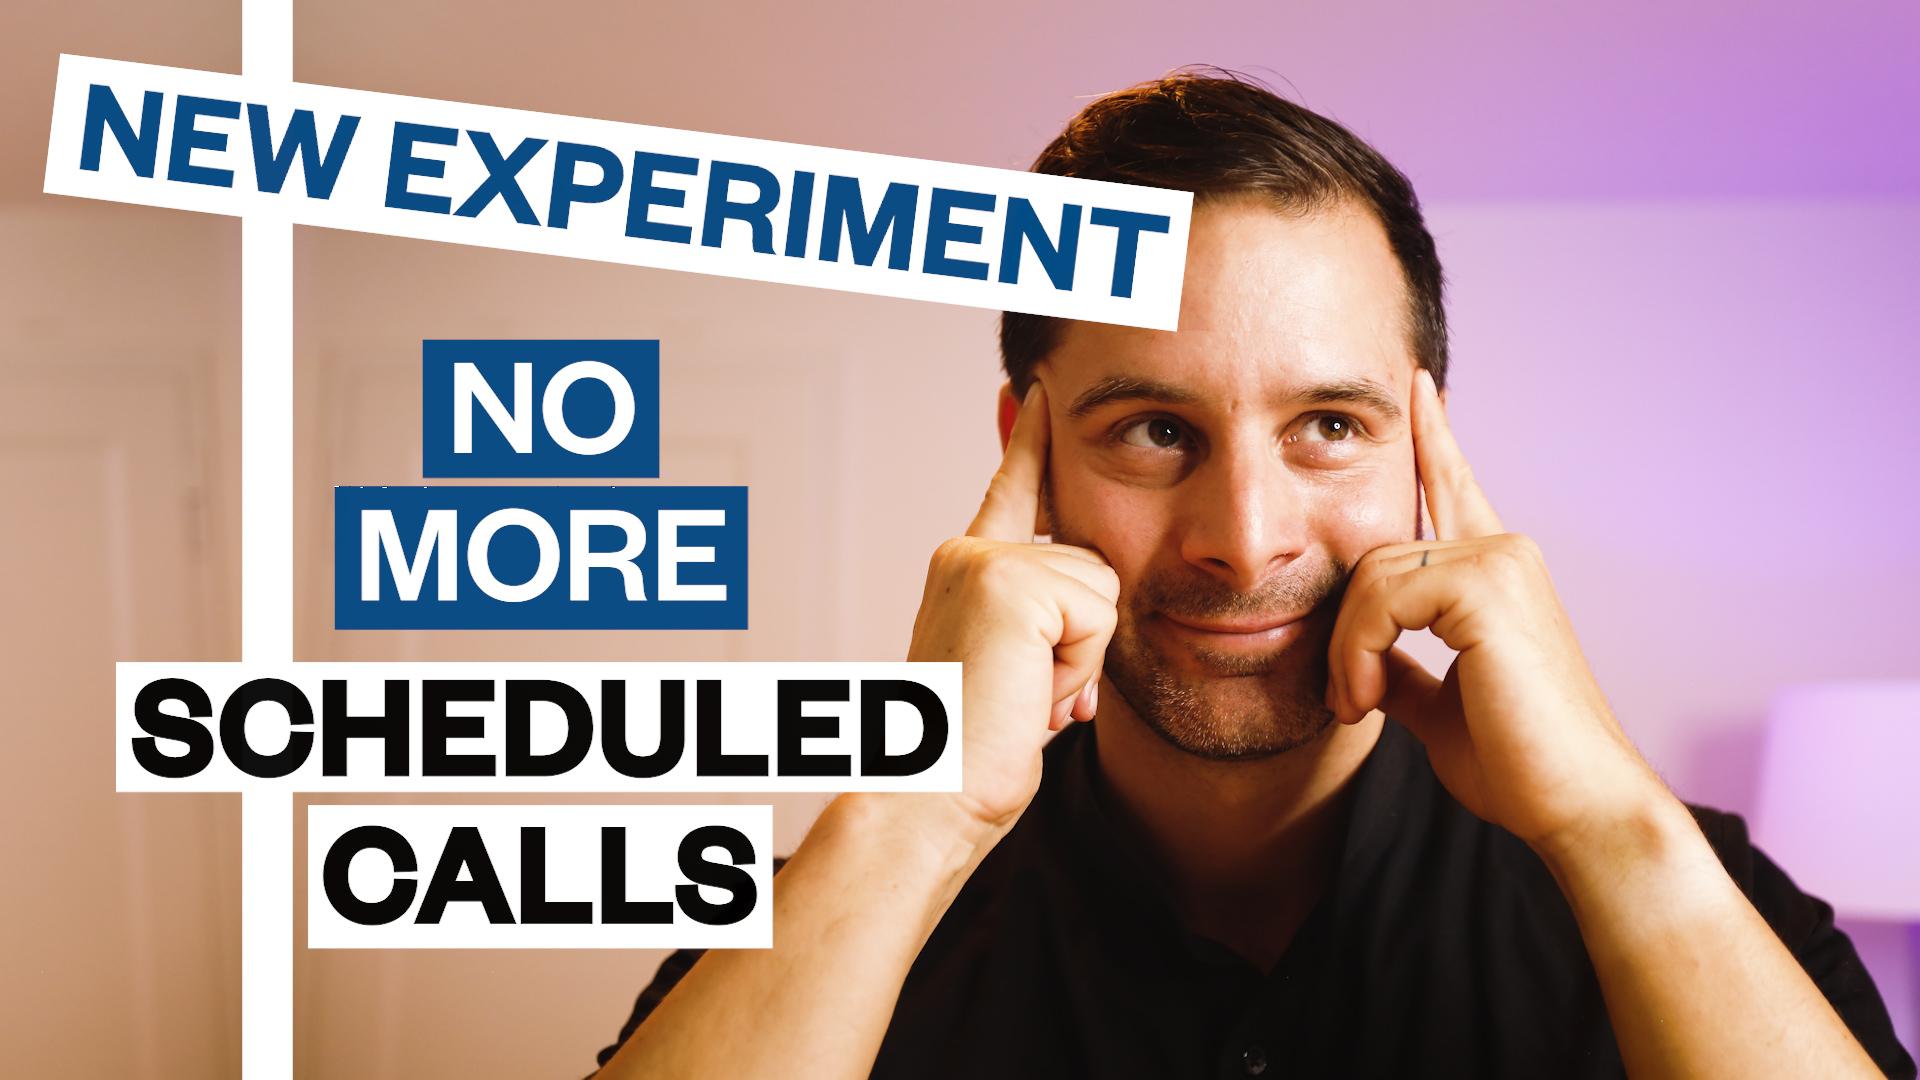 New Experiment: No More Scheduled Calls